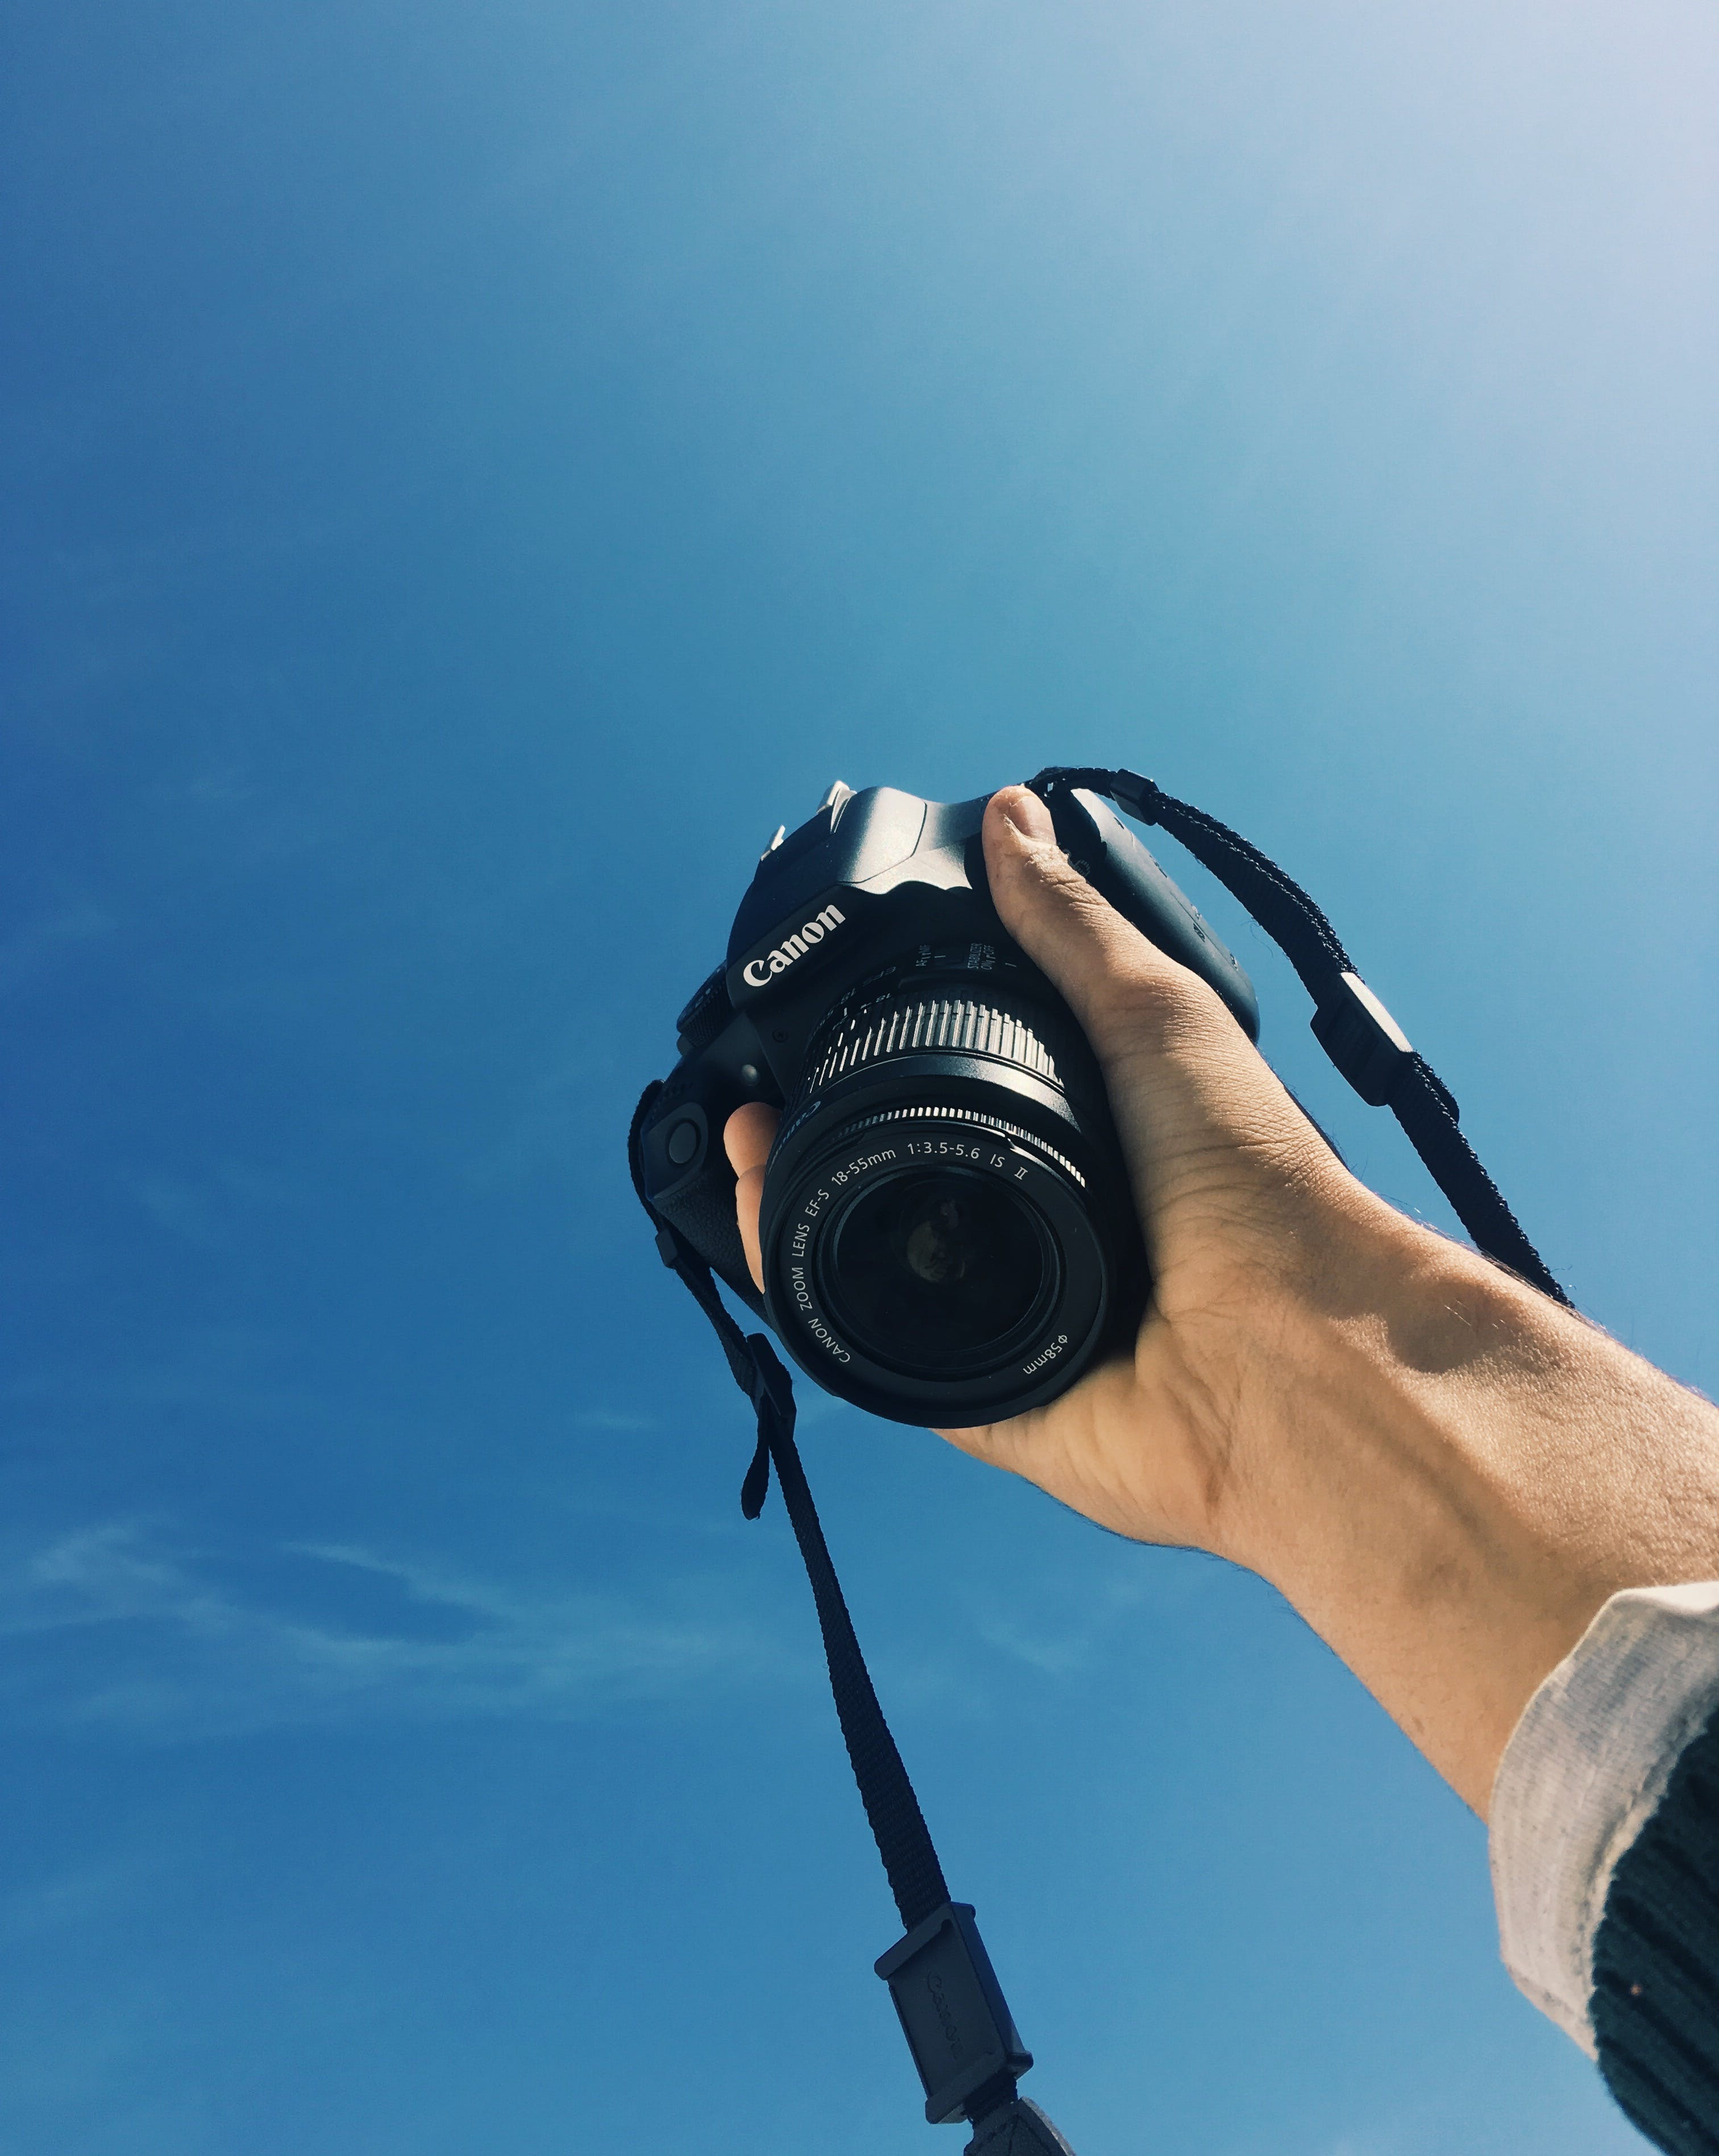 Kostnadsfri bild av blå himmel, dslr-kamera, hand, kanon